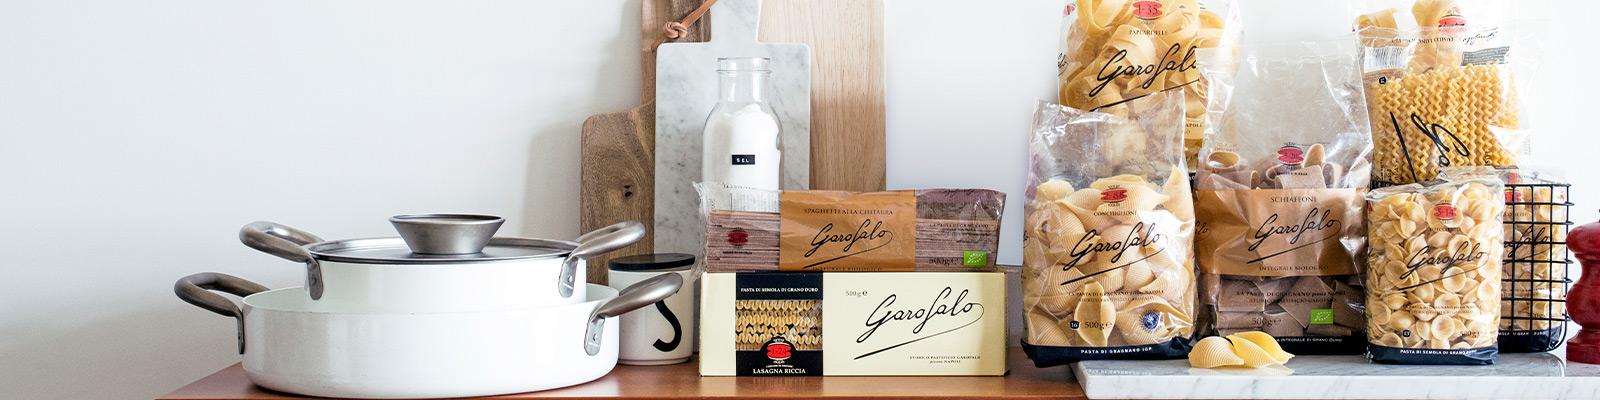 Pasta Garofalo - Produtos